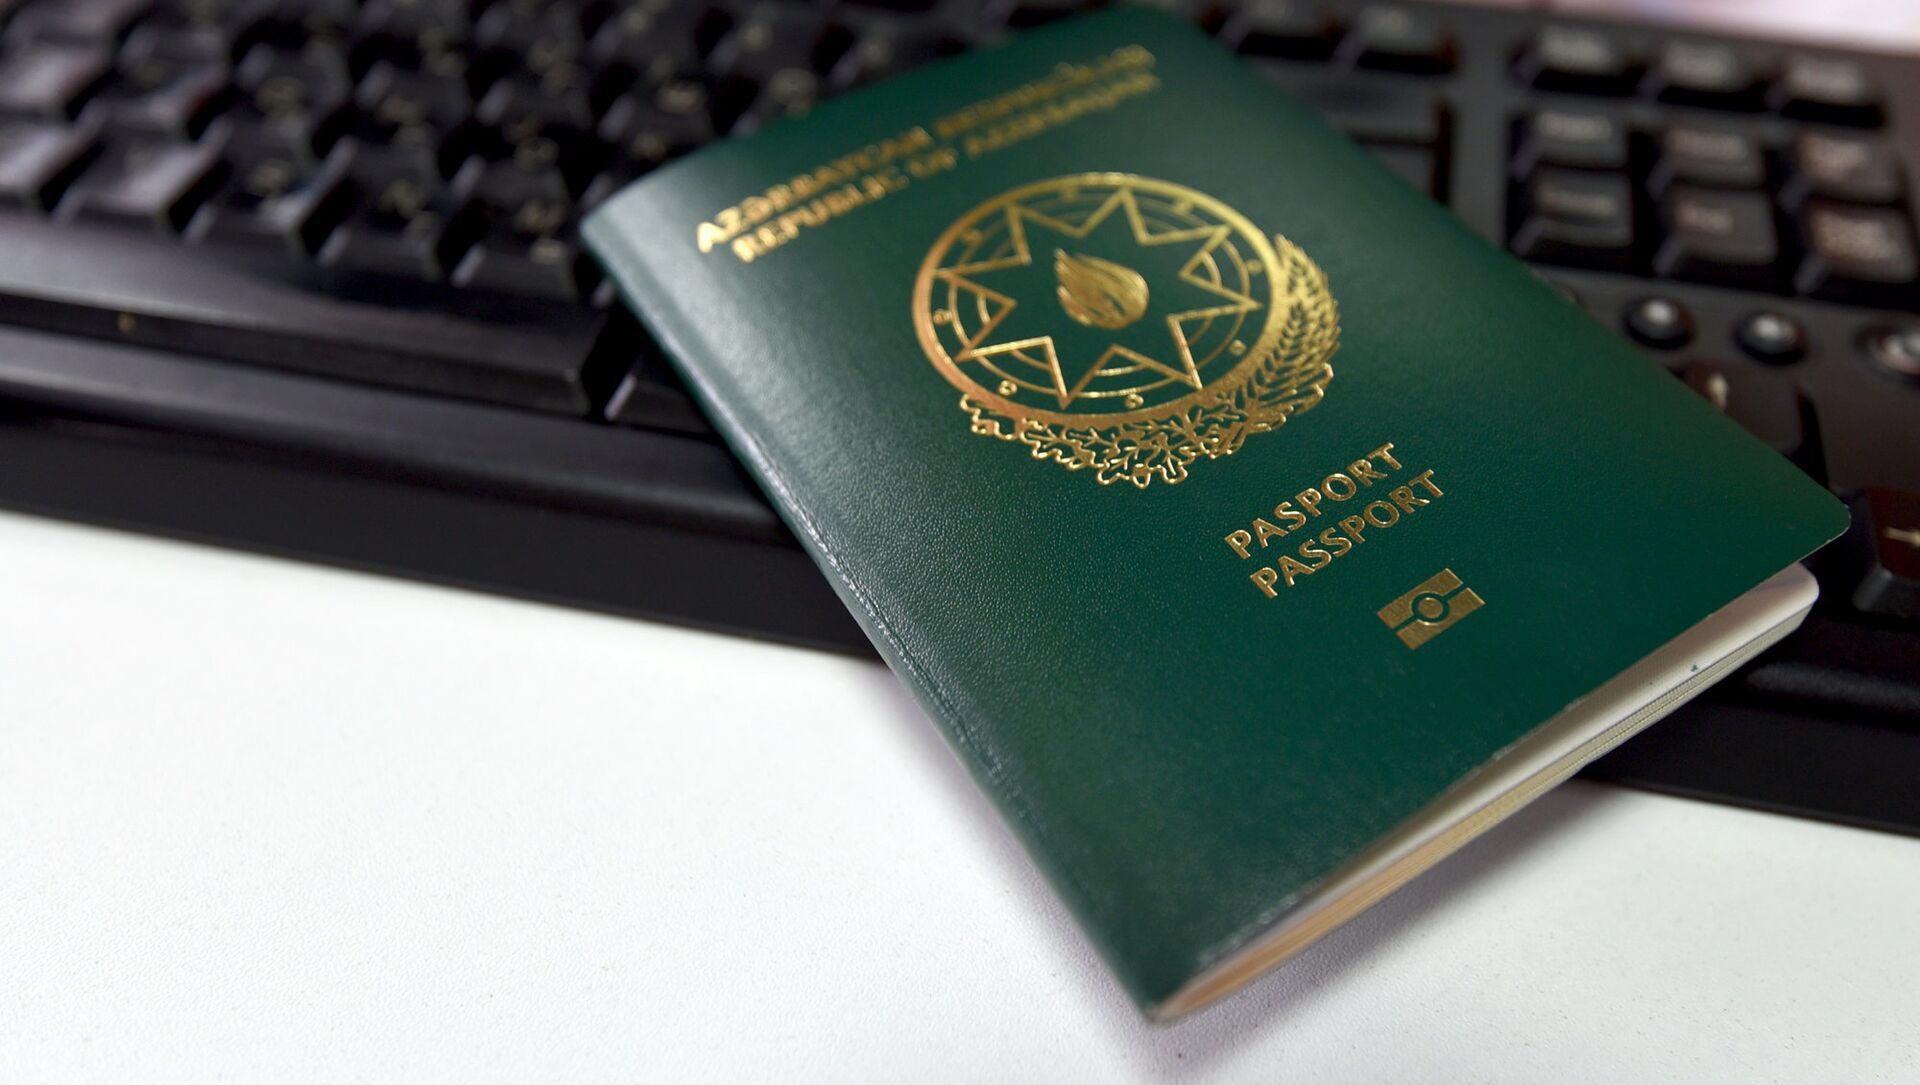 Azərbaycan Respublikası vətəndaşının pasportu - Sputnik Азербайджан, 1920, 30.03.2021